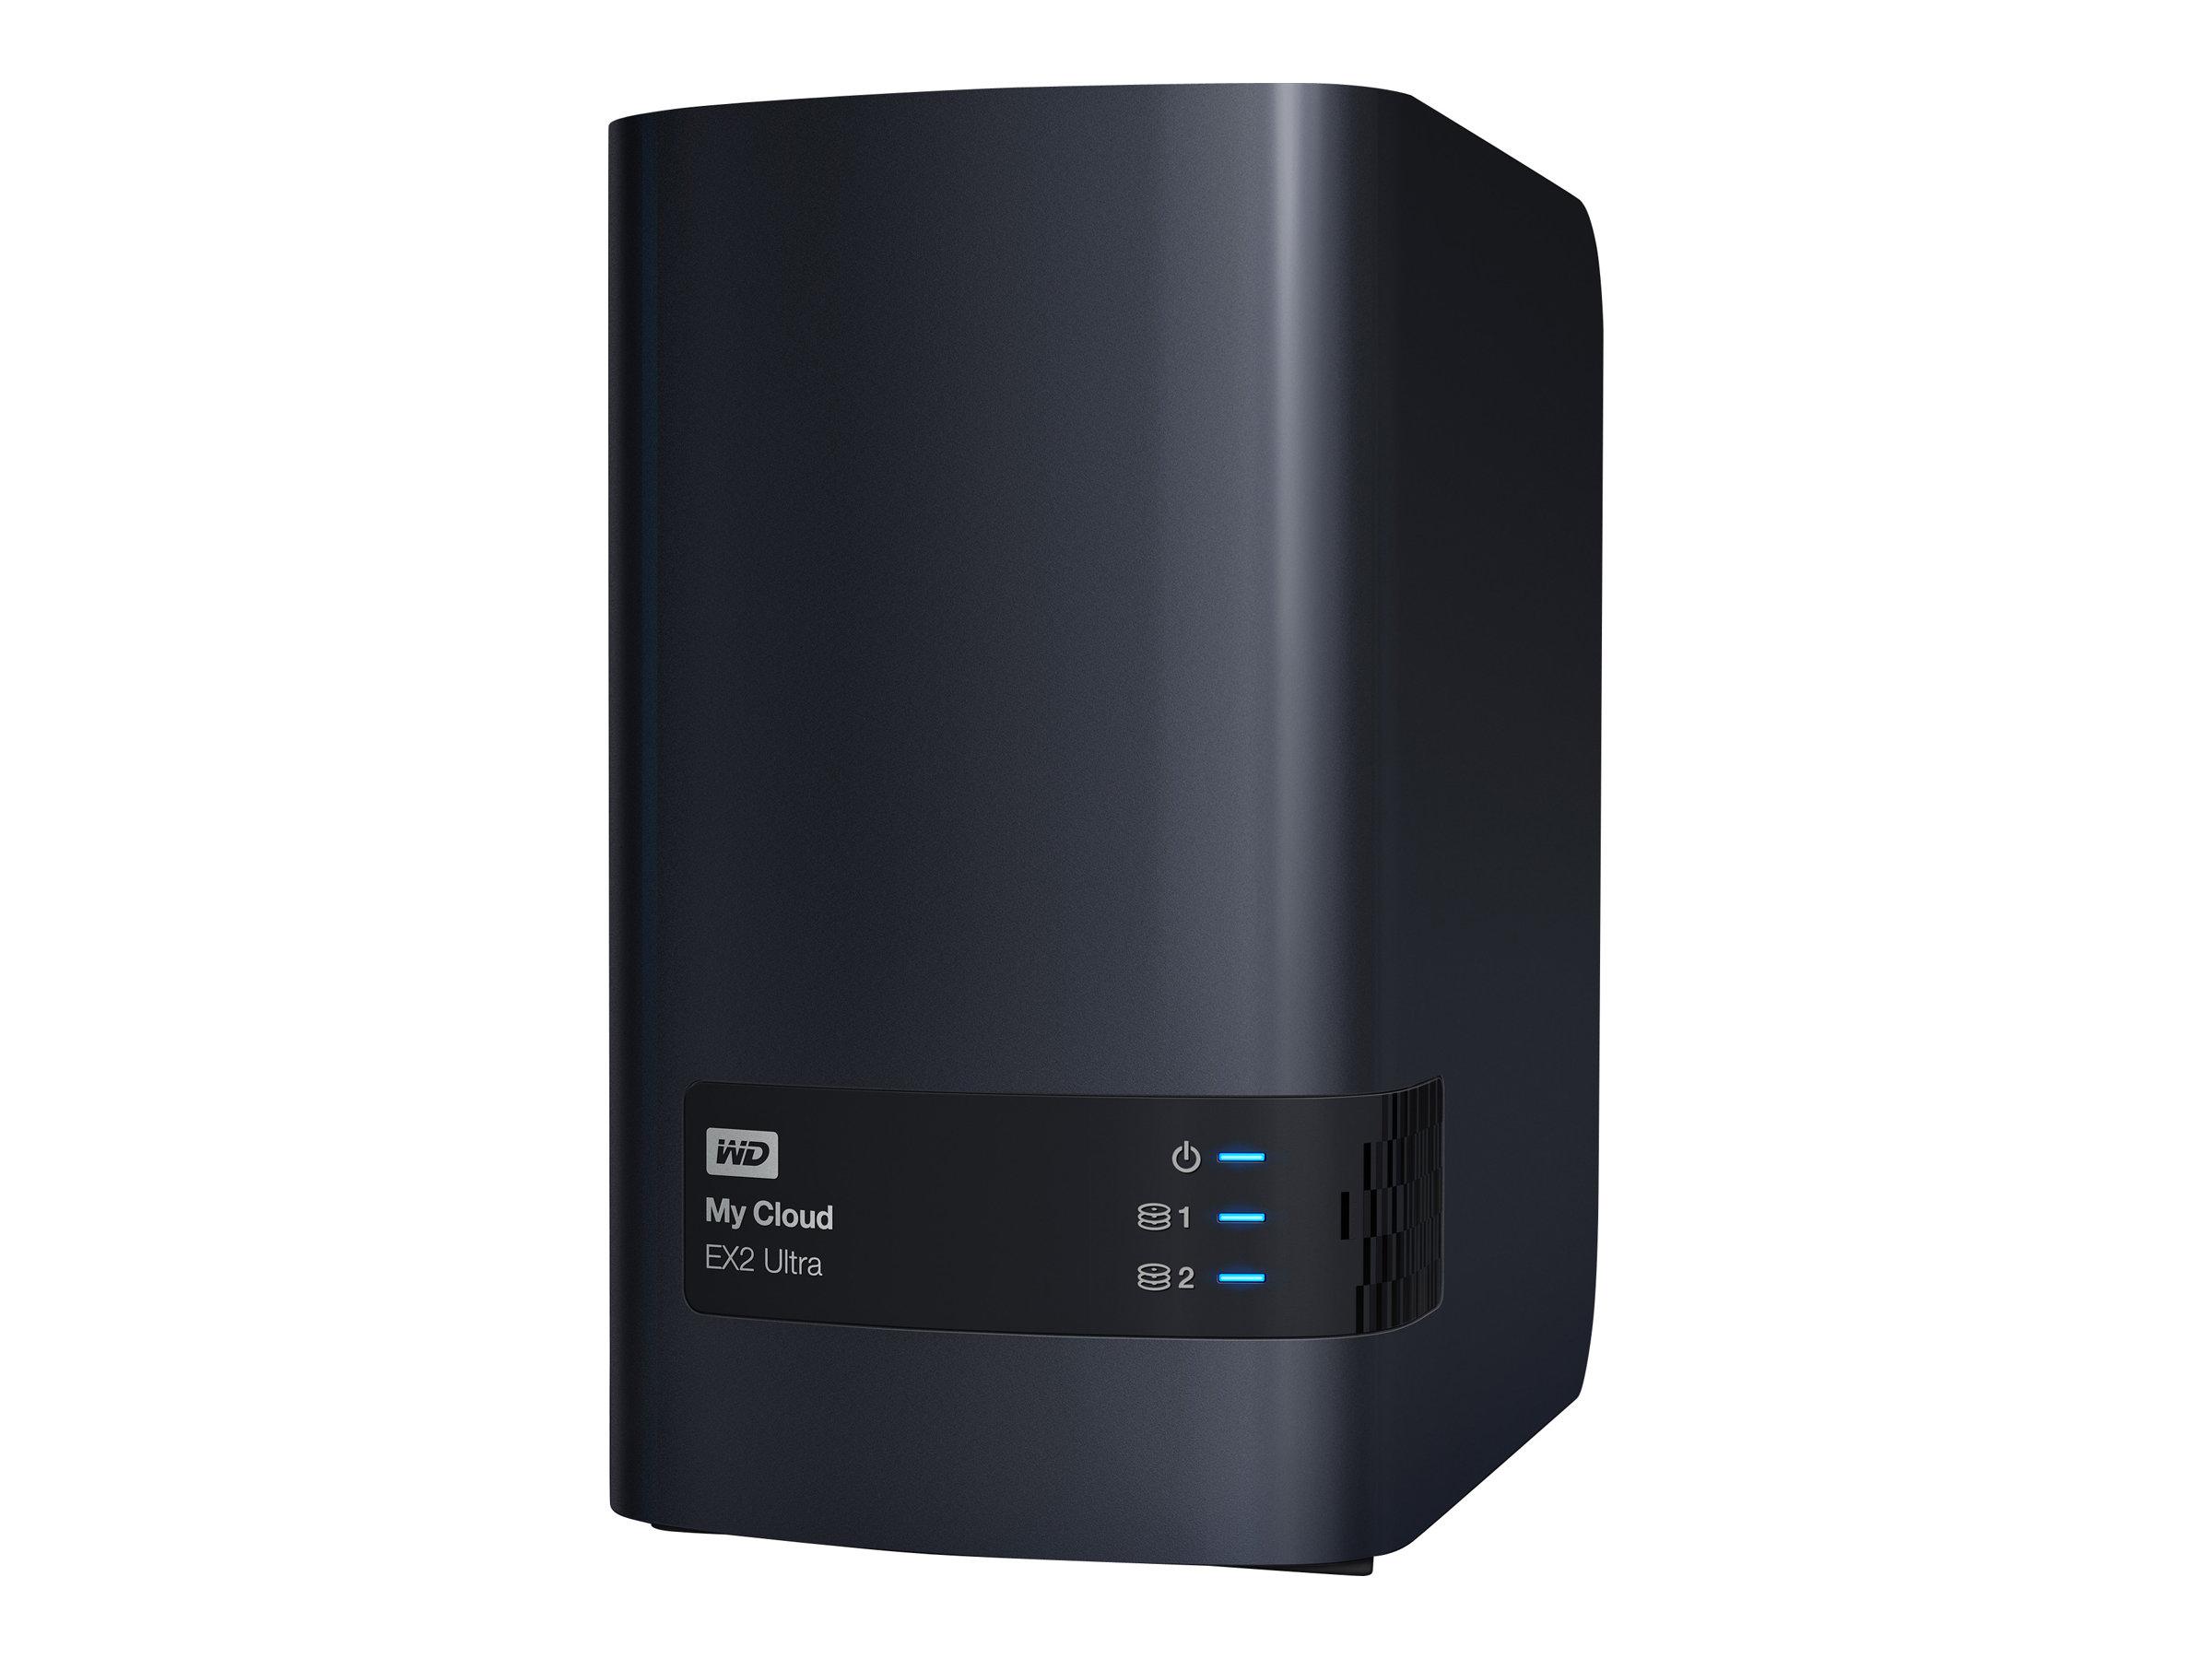 WD My Cloud EX2 Ultra WDBVBZ0040JCH - Gerät für persönlichen Cloudspeicher